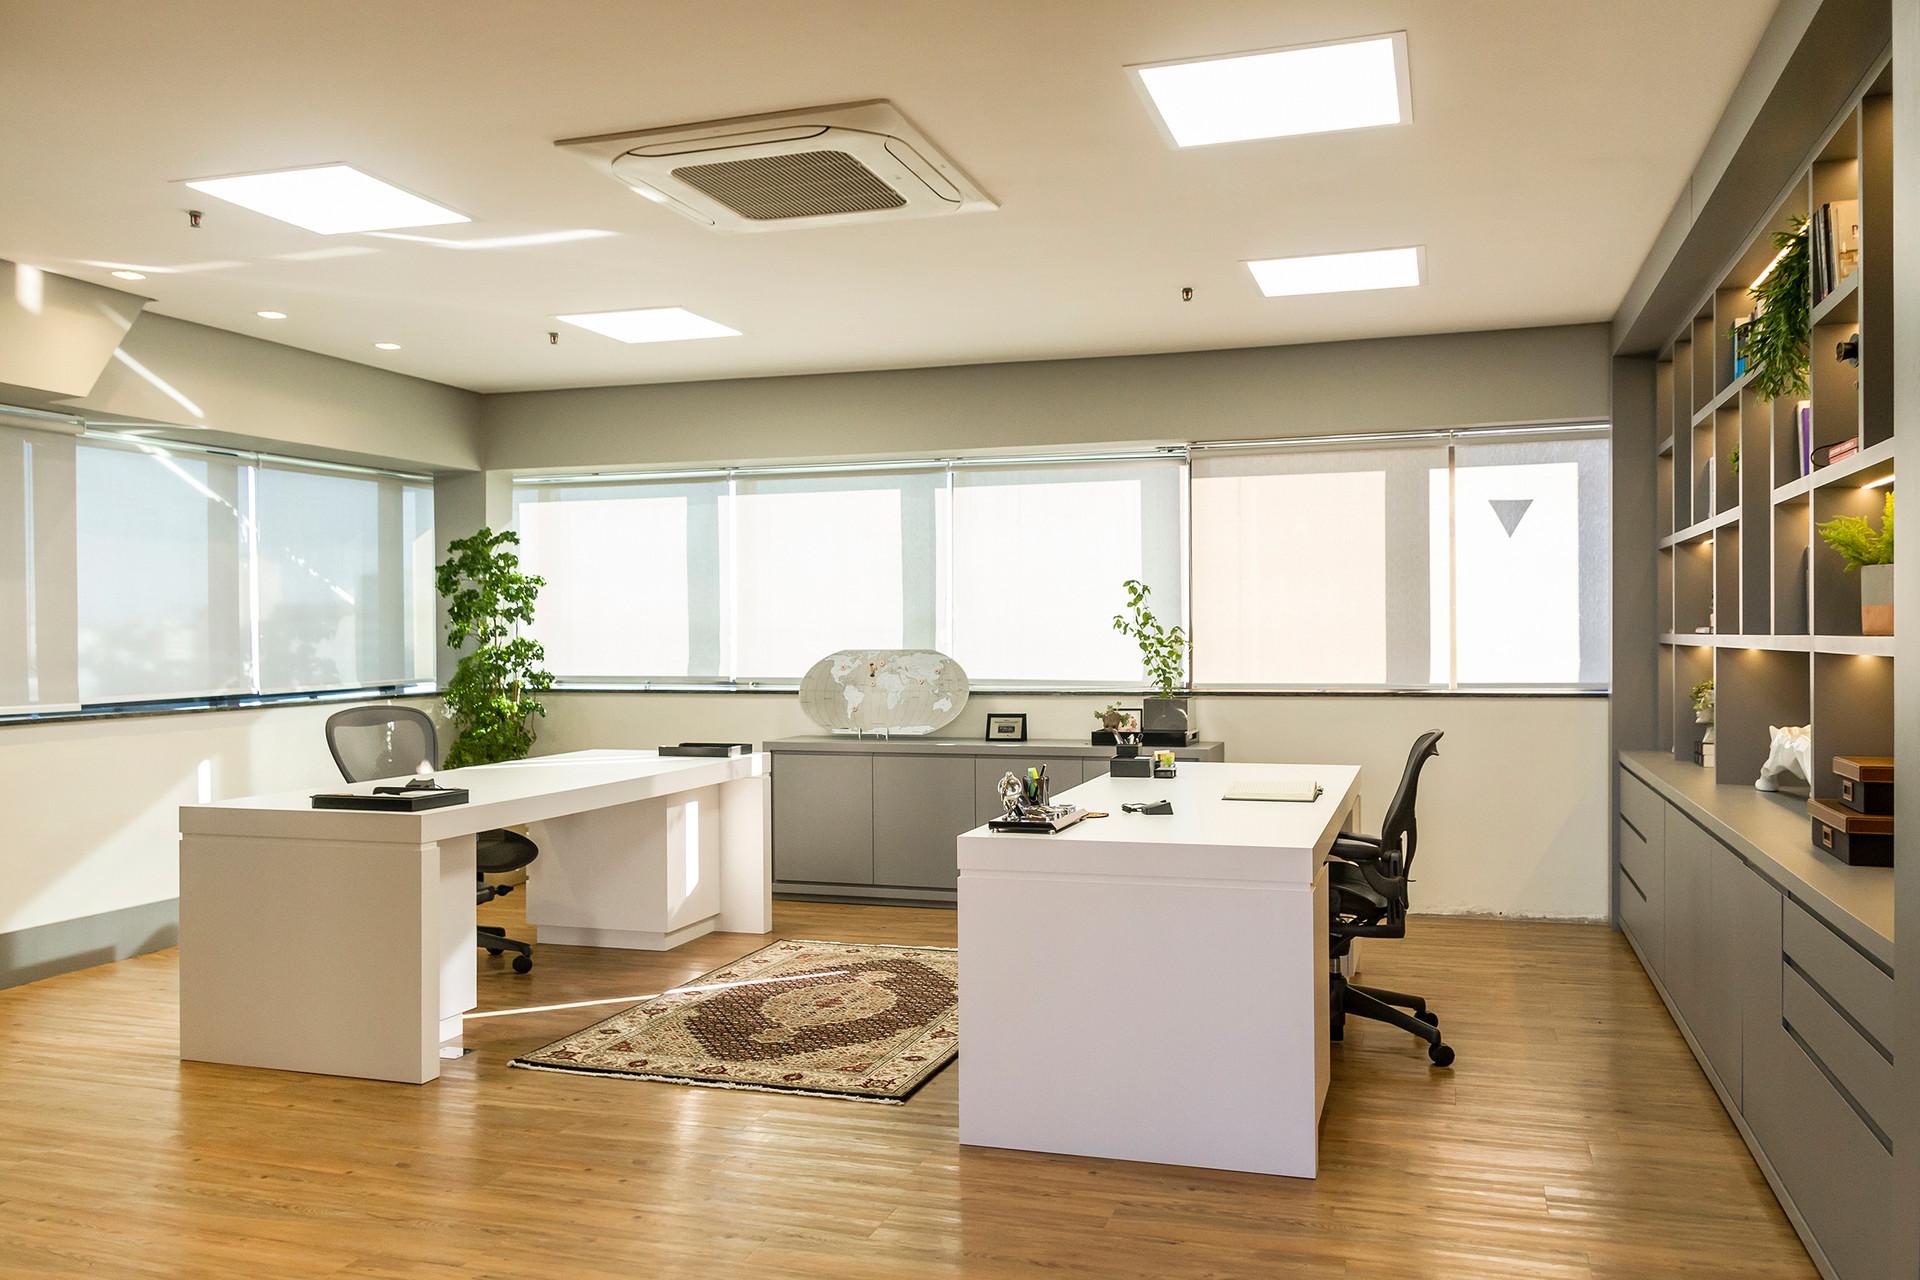 A escolha dos revestimentos do piso, dos móveis e das   cores trouxe unidade  aos espaços.